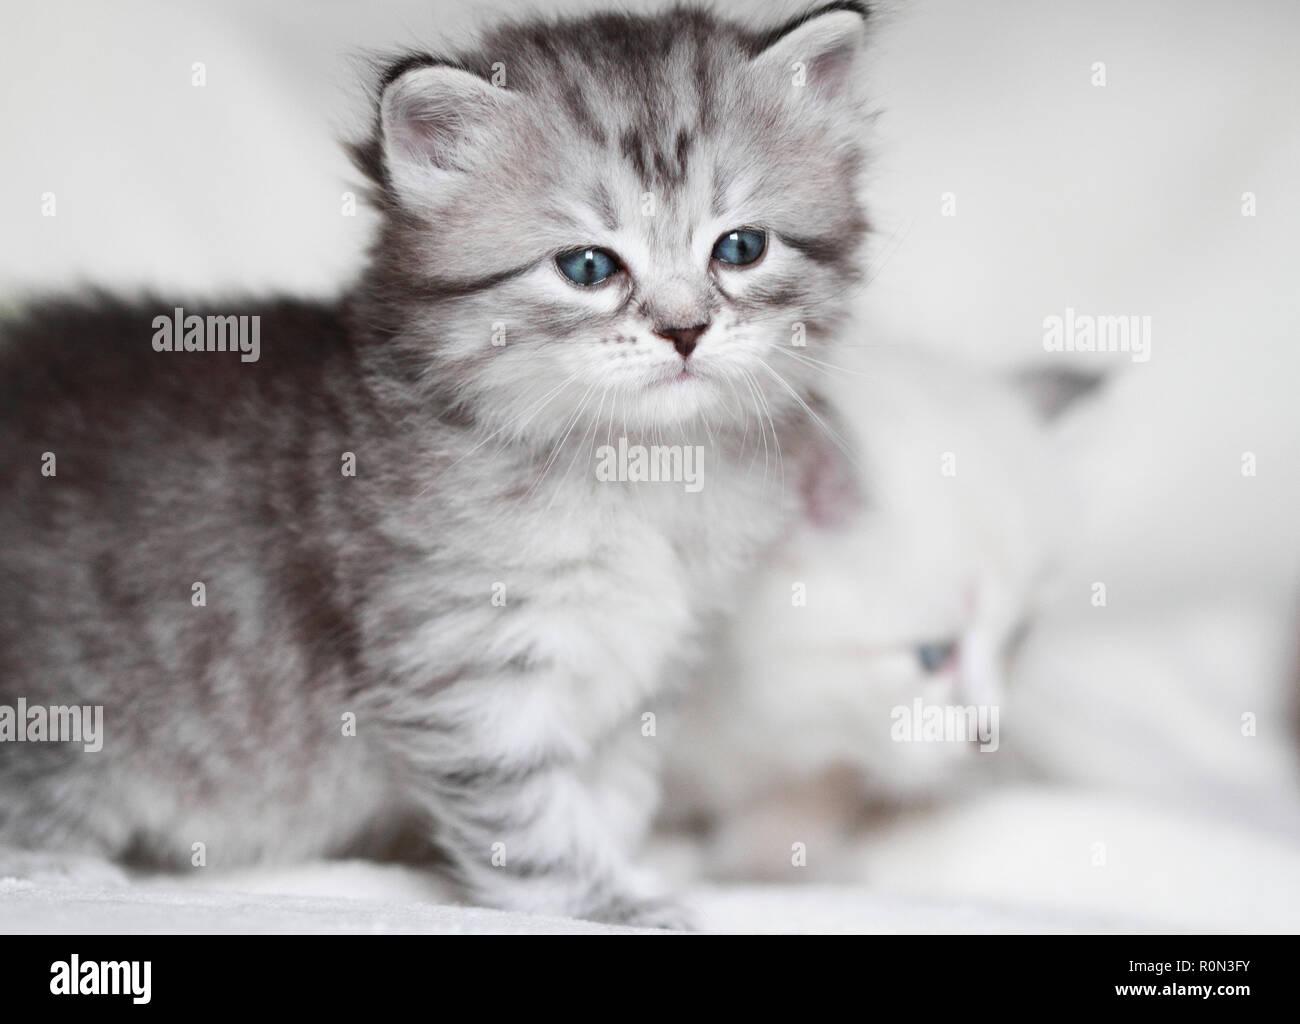 Cachorro adorable gato en la nieve Imagen De Stock